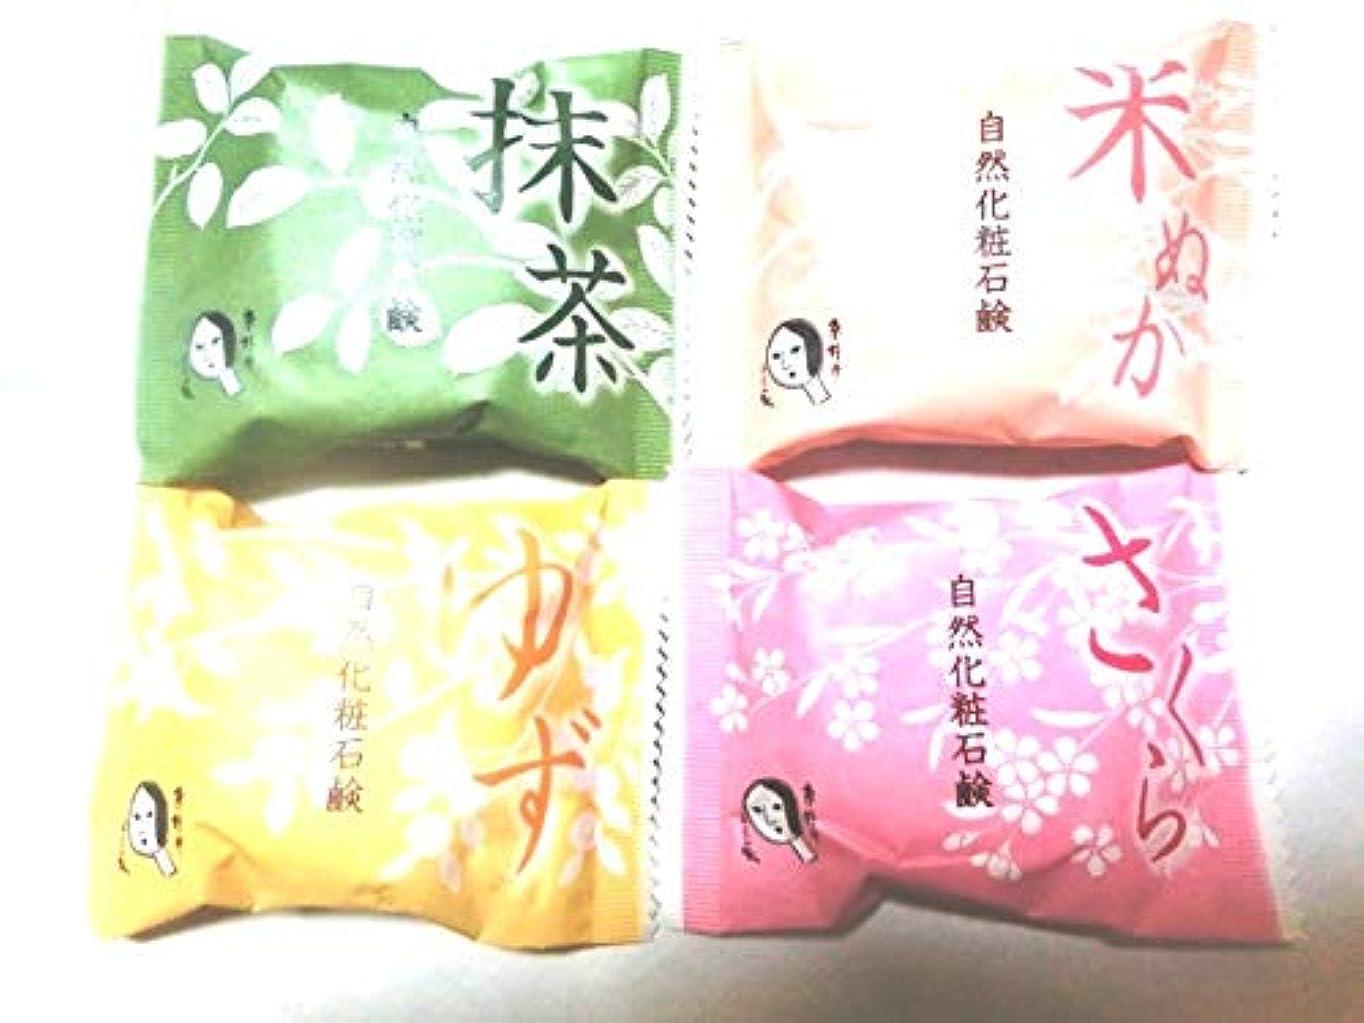 大陸脚本優しいよーじや 自然化粧石鹸 50g (抹茶)